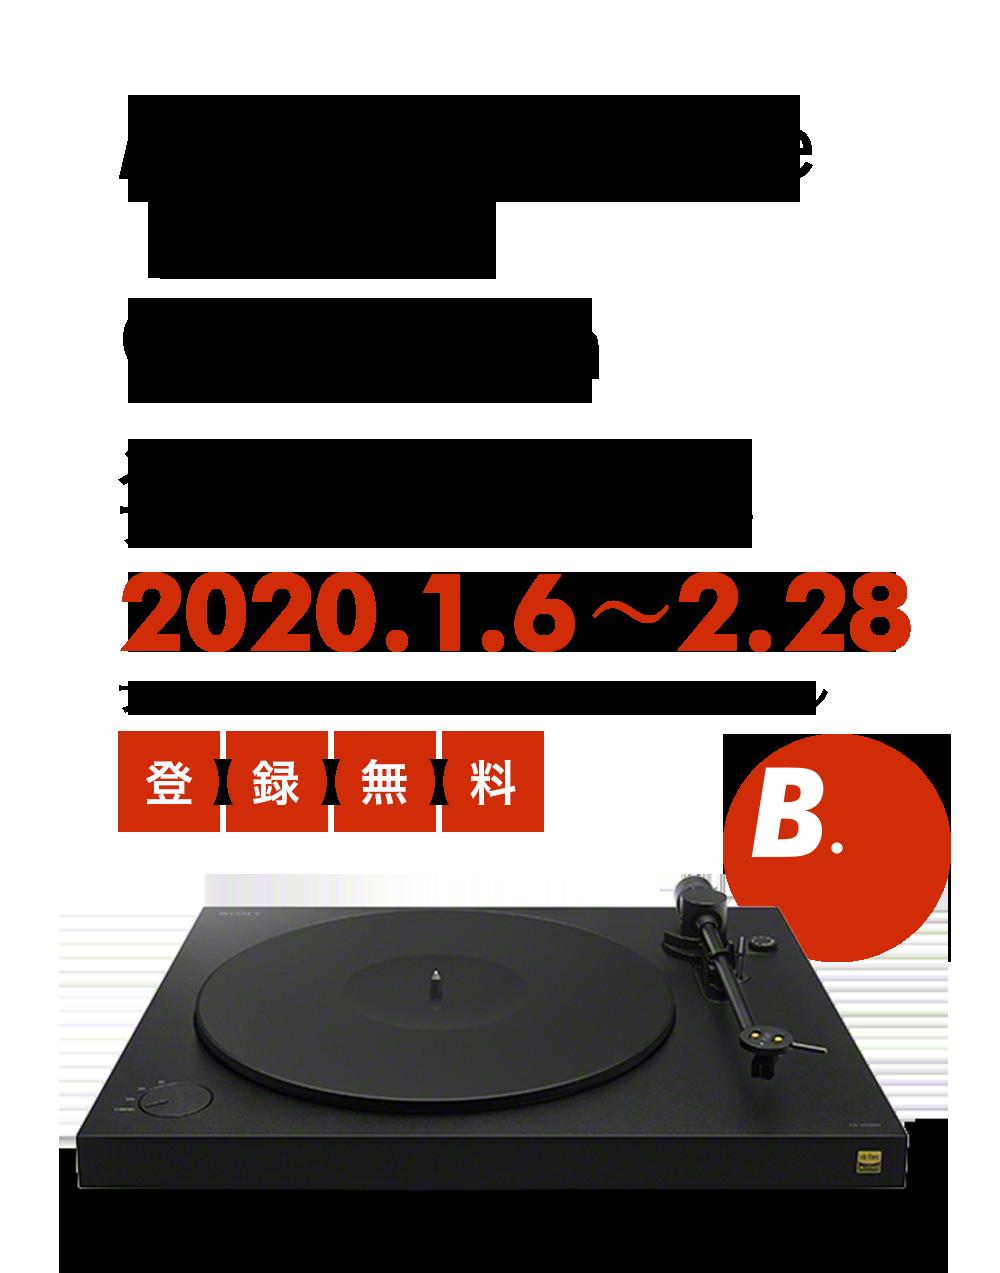 メルマガ会員様限定プレゼントキャンペーン 2020.1.6〜2.28 プロフェッショナル業務用製品メールマガジン登録無料